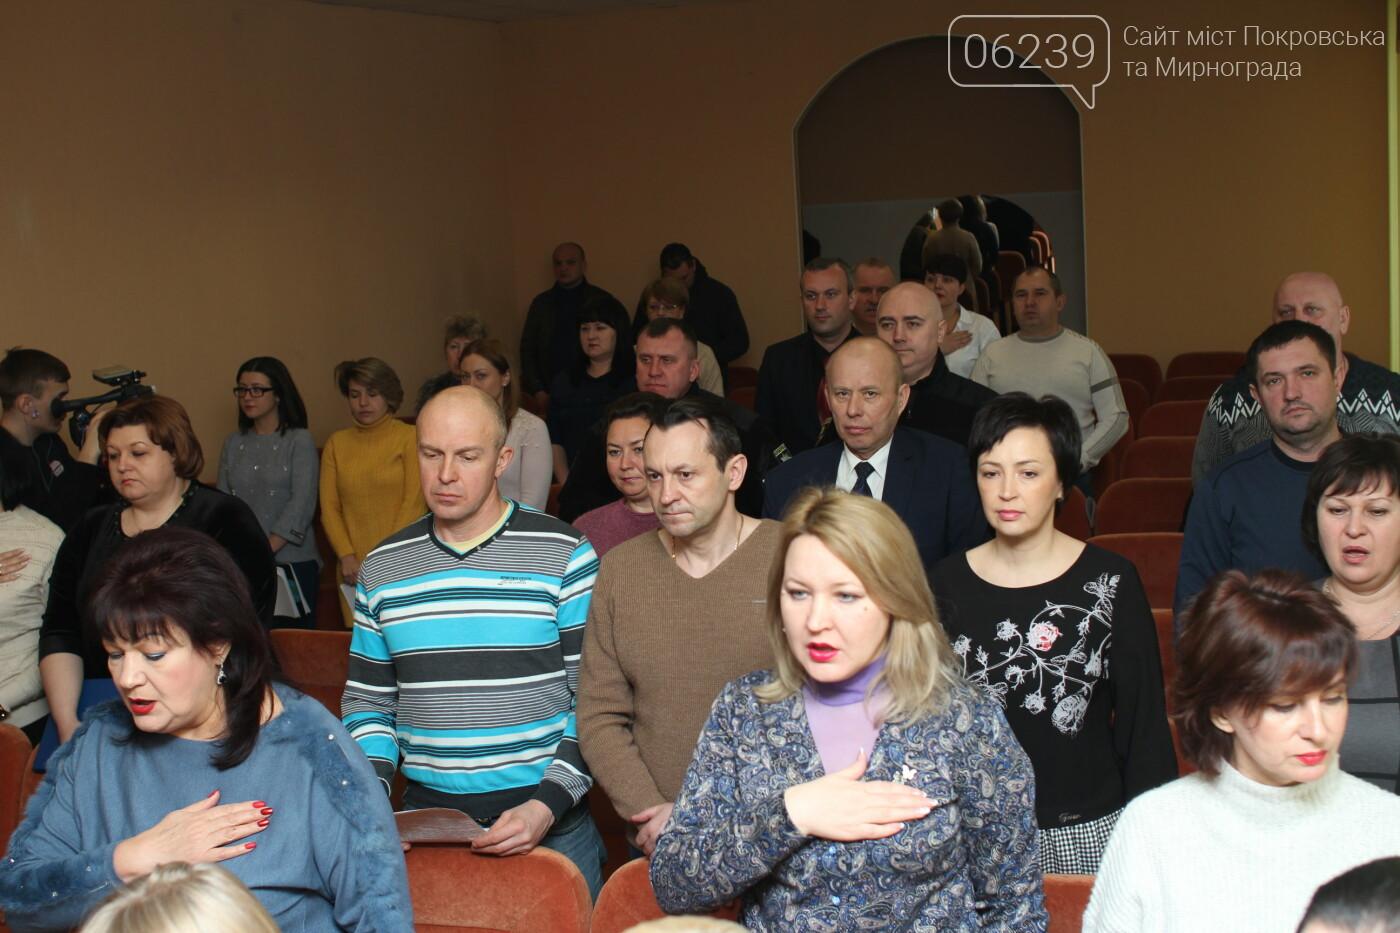 Изменения в бюджете и новый начальник отдела полиции: в Мирнограде состоялась 73-я сессия горсовета, фото-1